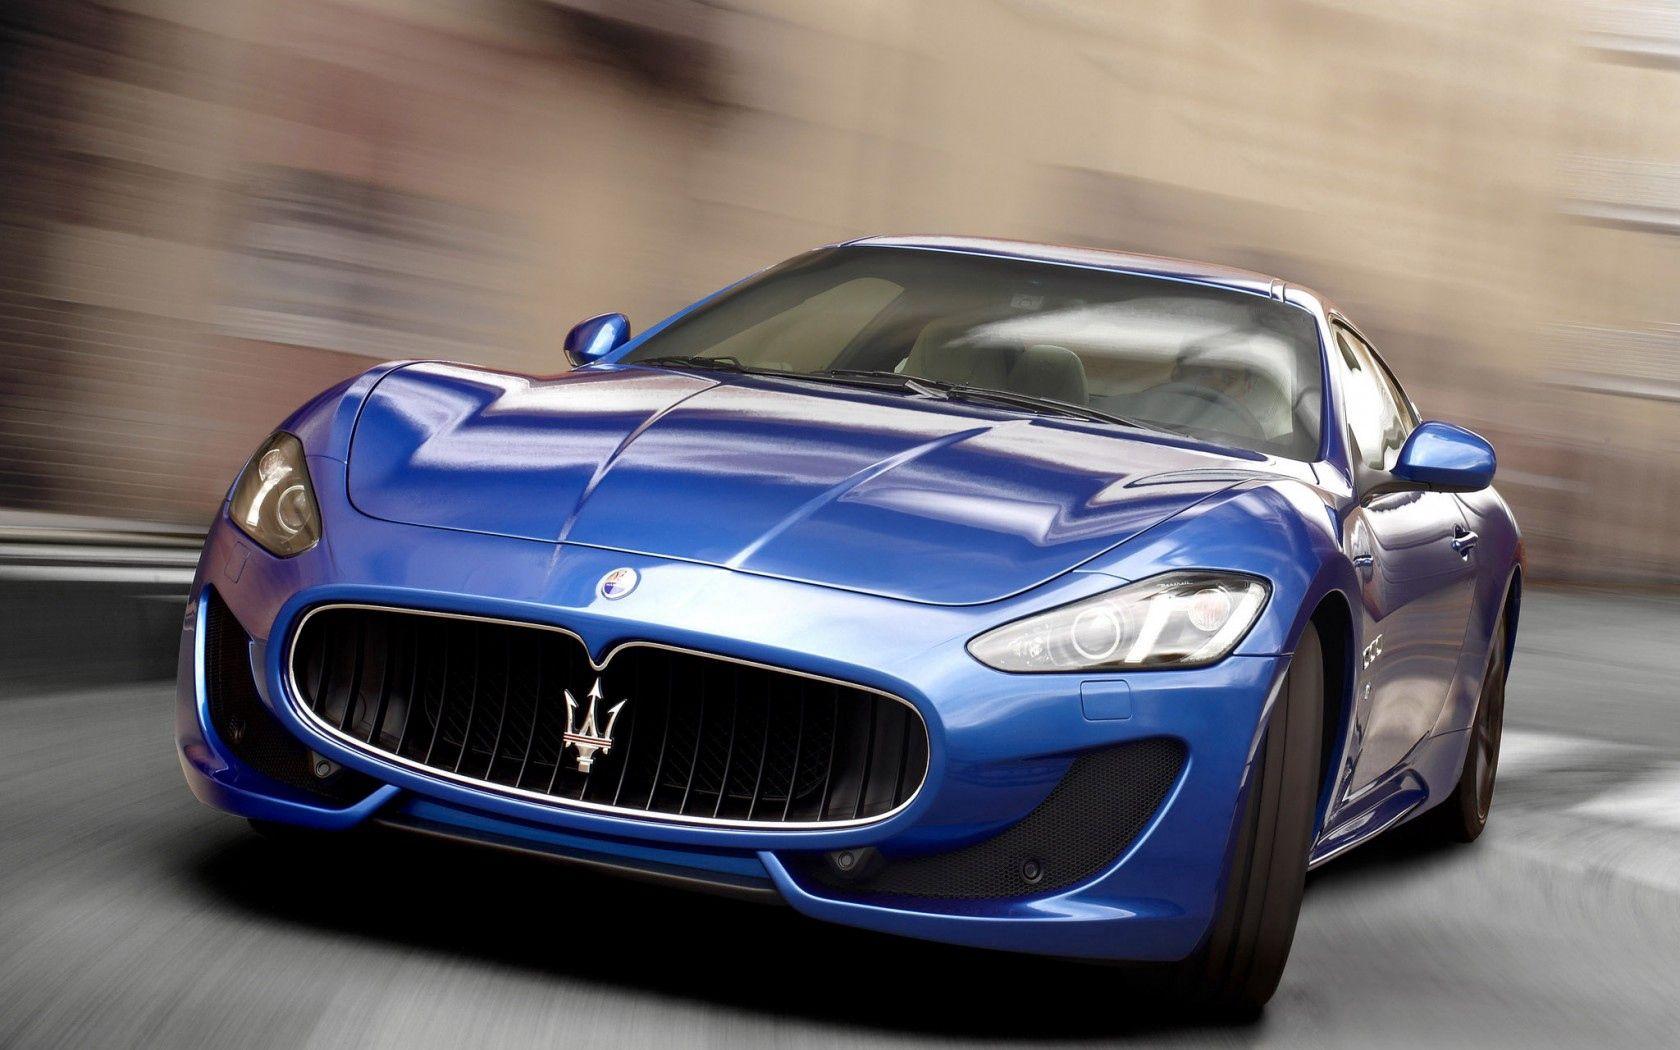 129778 Hintergrundbild herunterladen Sport, Auto, Maserati, Cars, Maschine - Bildschirmschoner und Bilder kostenlos